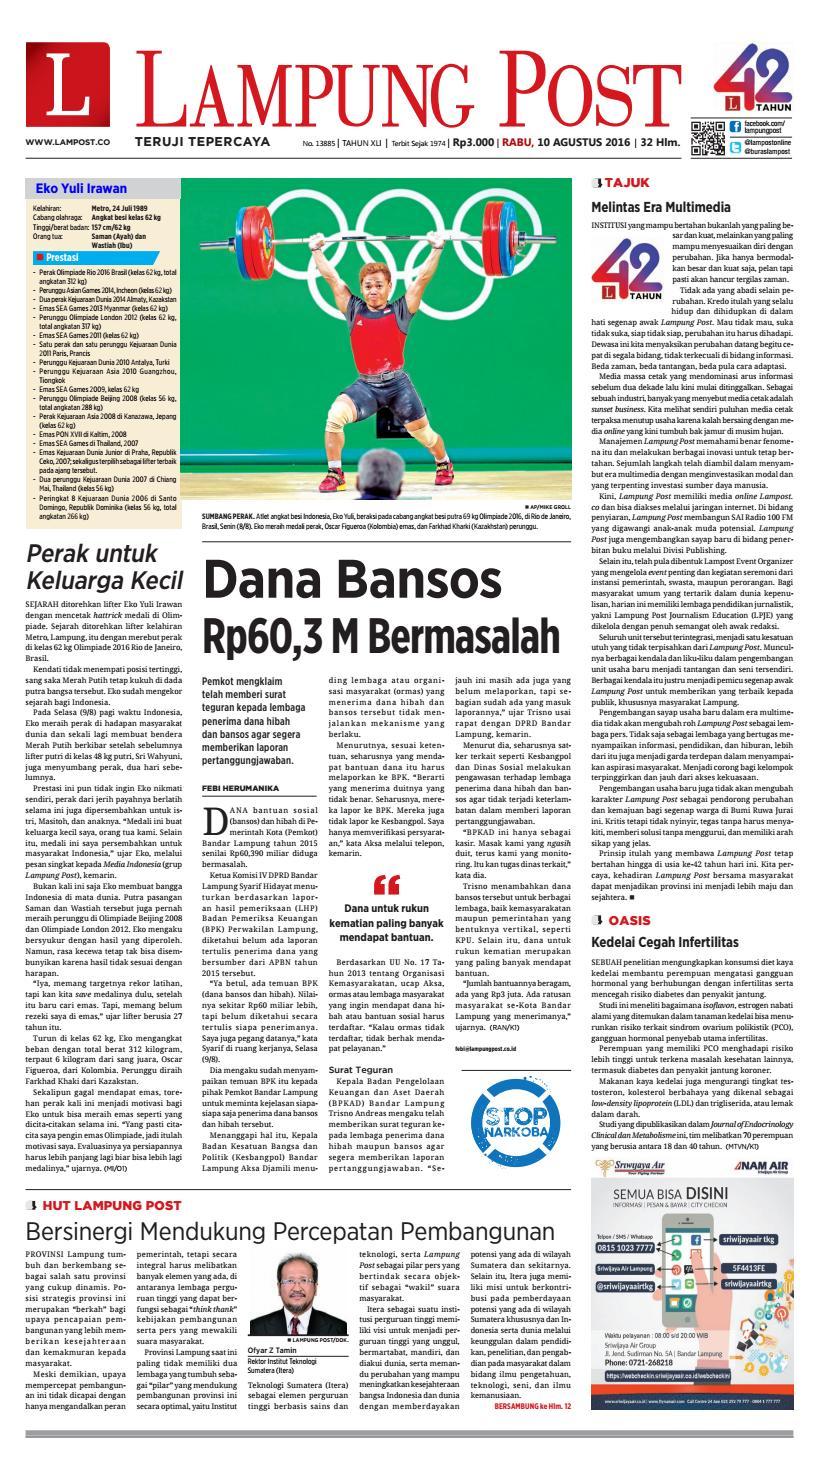 Lampung Post Rabu 10 Agustus 2016 By Issuu Keripik Jagung Panggang Pedasmanis Thun Amr